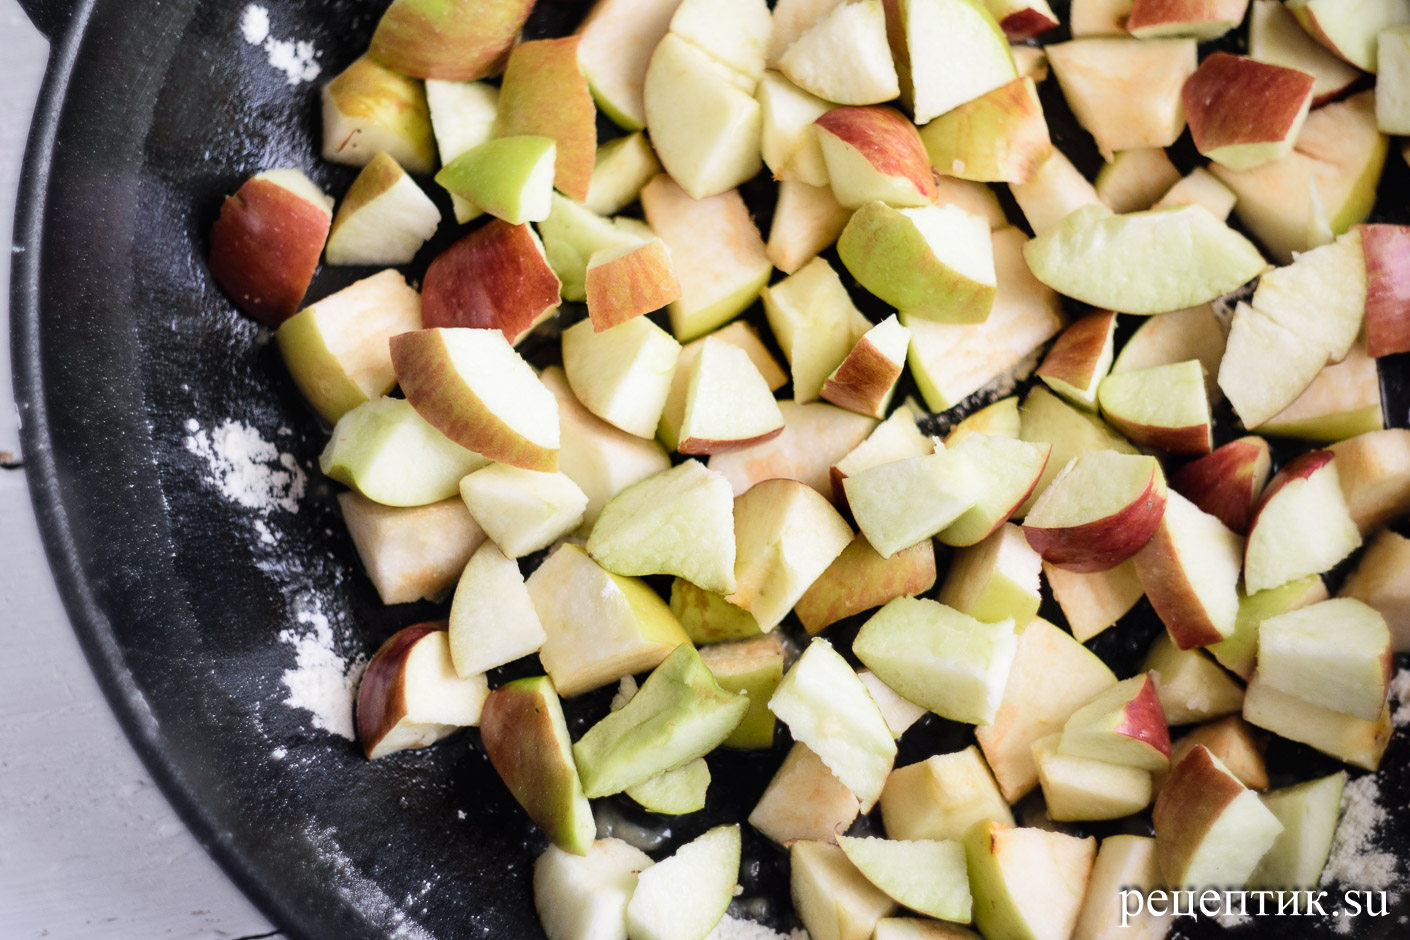 Пышная шарлотка с яблоками в духовке - рецепт с фото, шаг 8